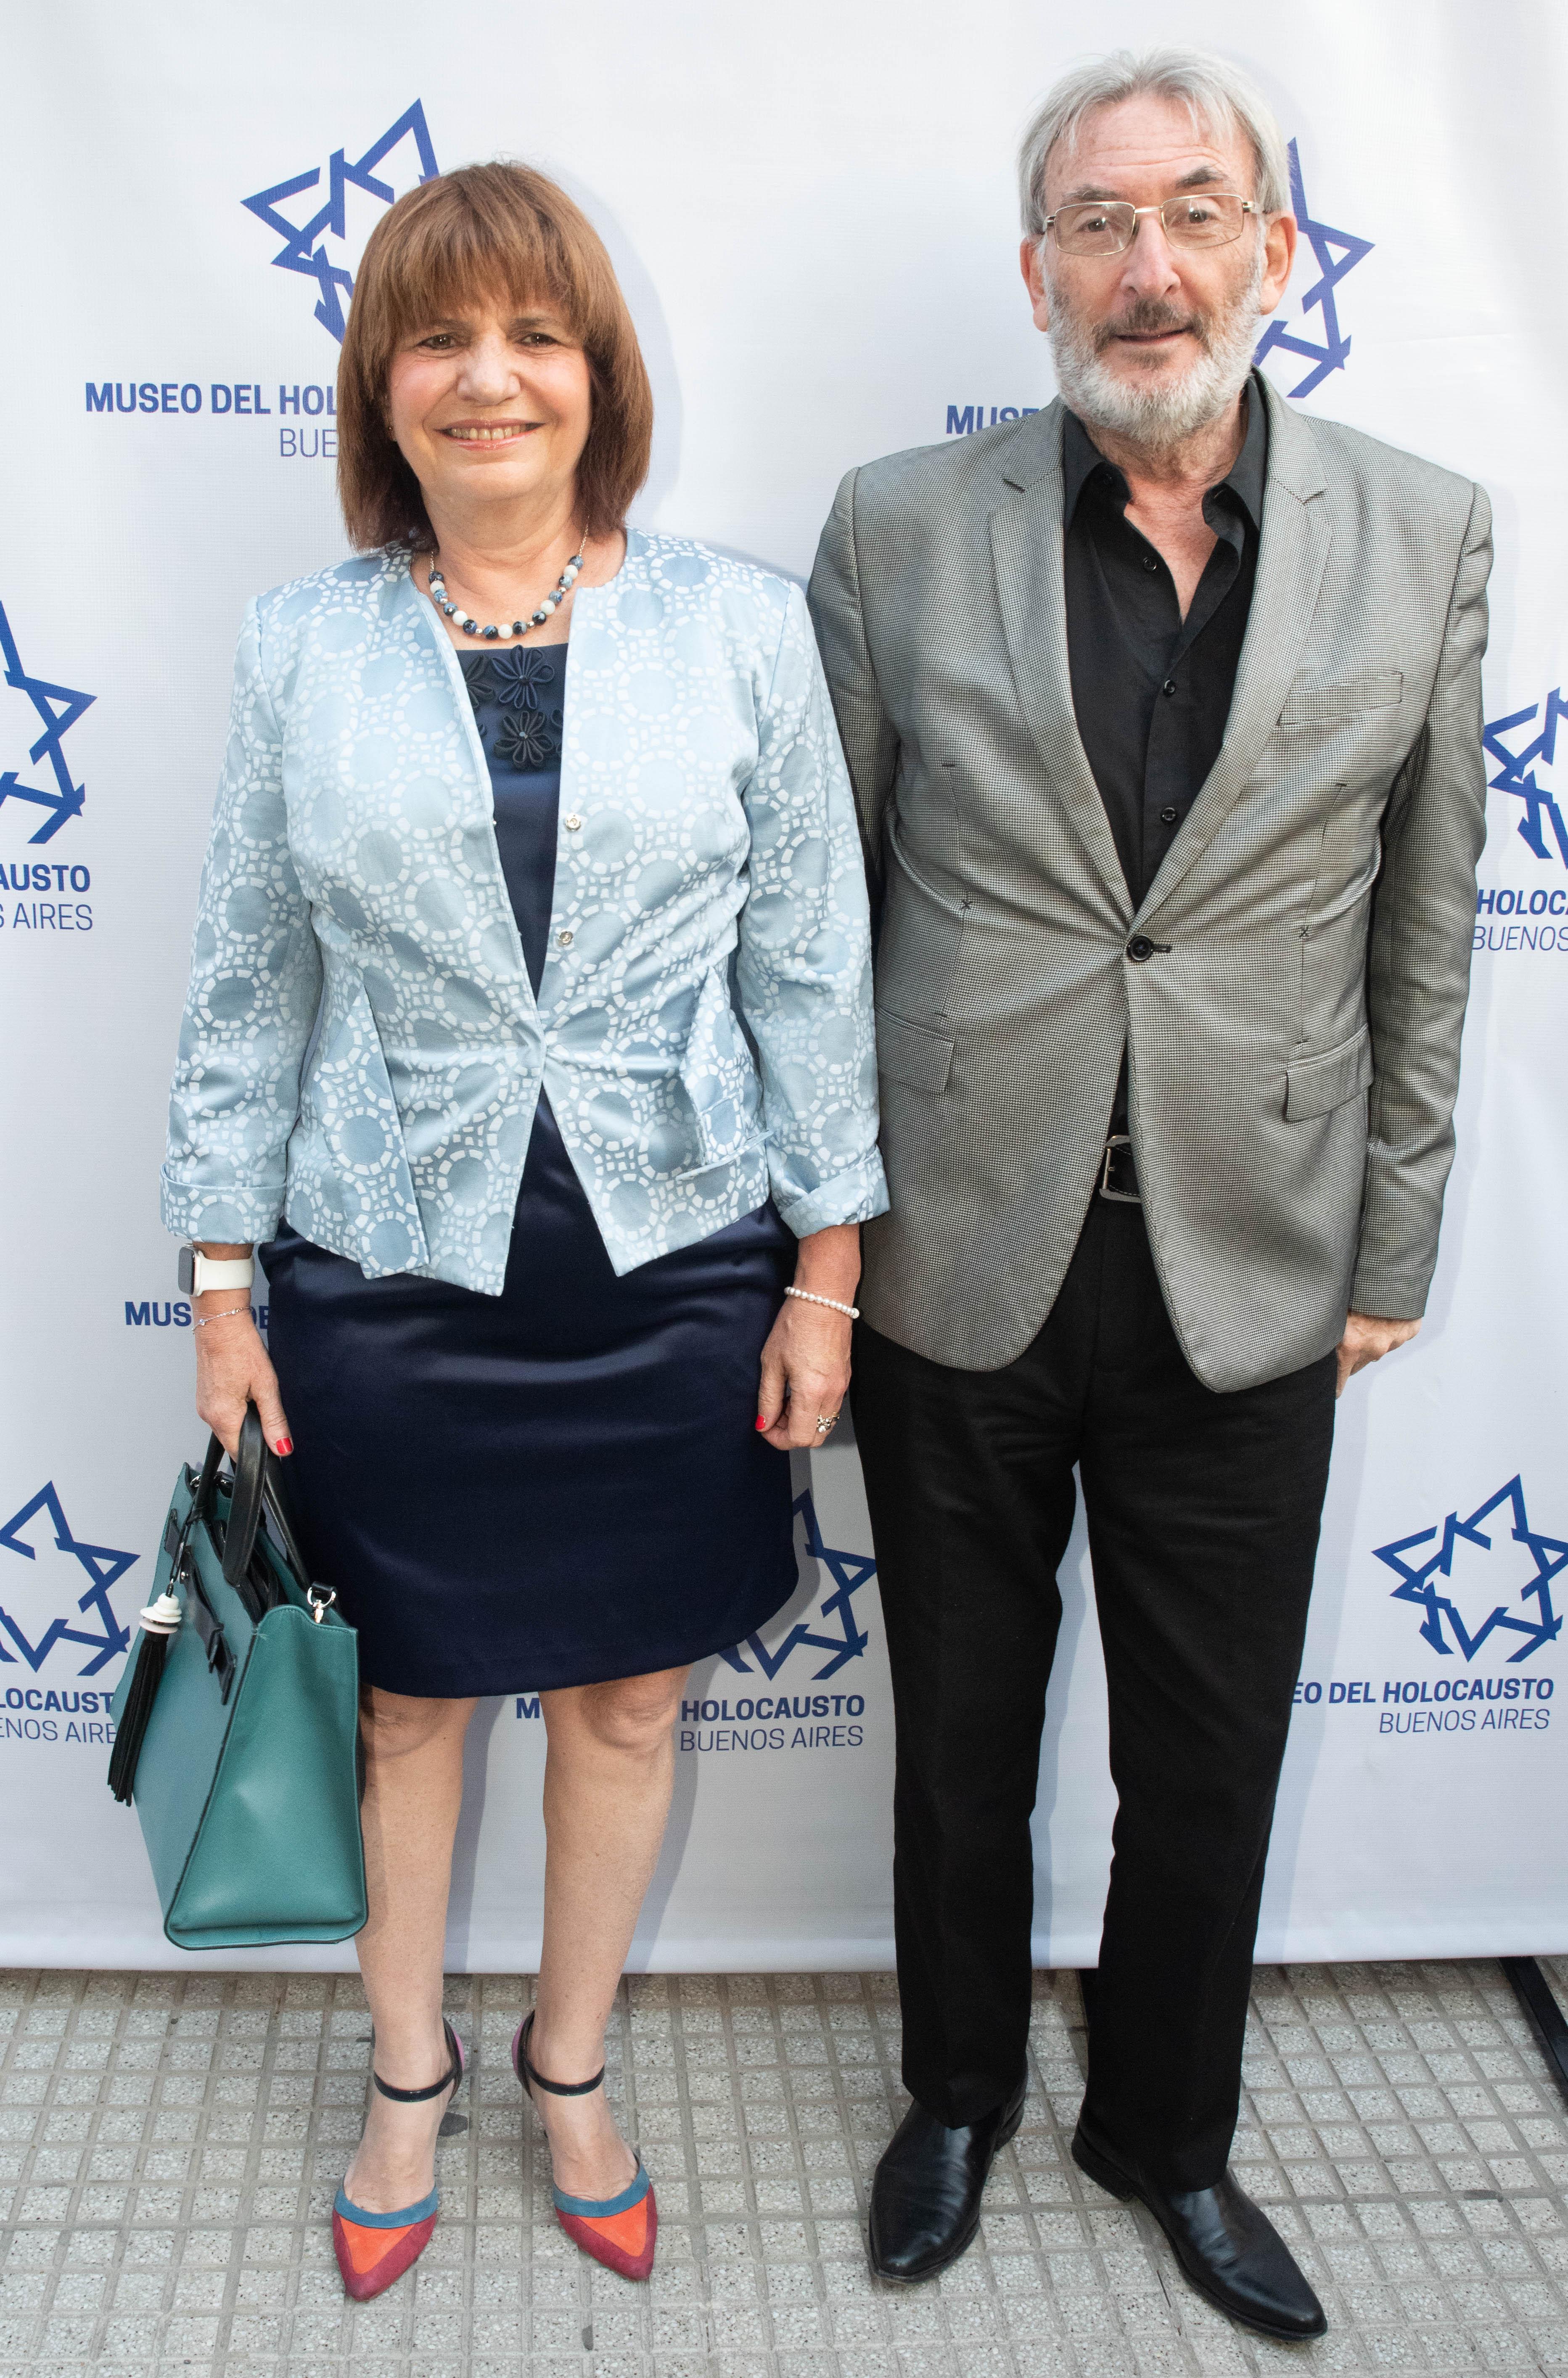 La ministra de Seguridad, Patricia Bullrich y Guillermo Yanko, vicepresidente del Museo del Holocausto